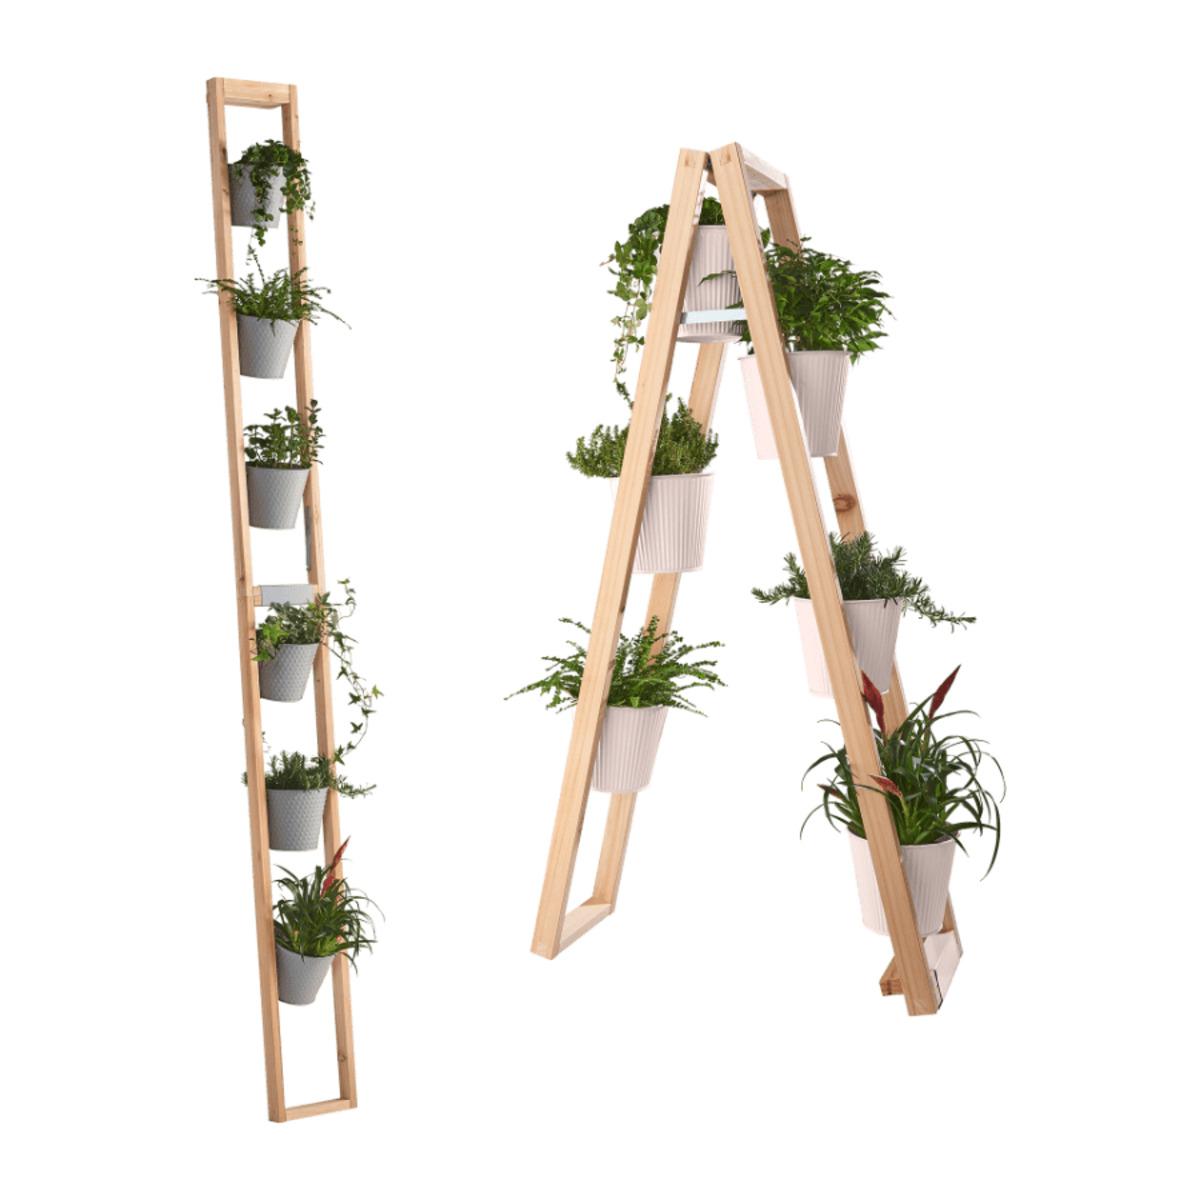 Bild 1 von LIVING ART     Blumen- und Pflanzenständer 2 in 1